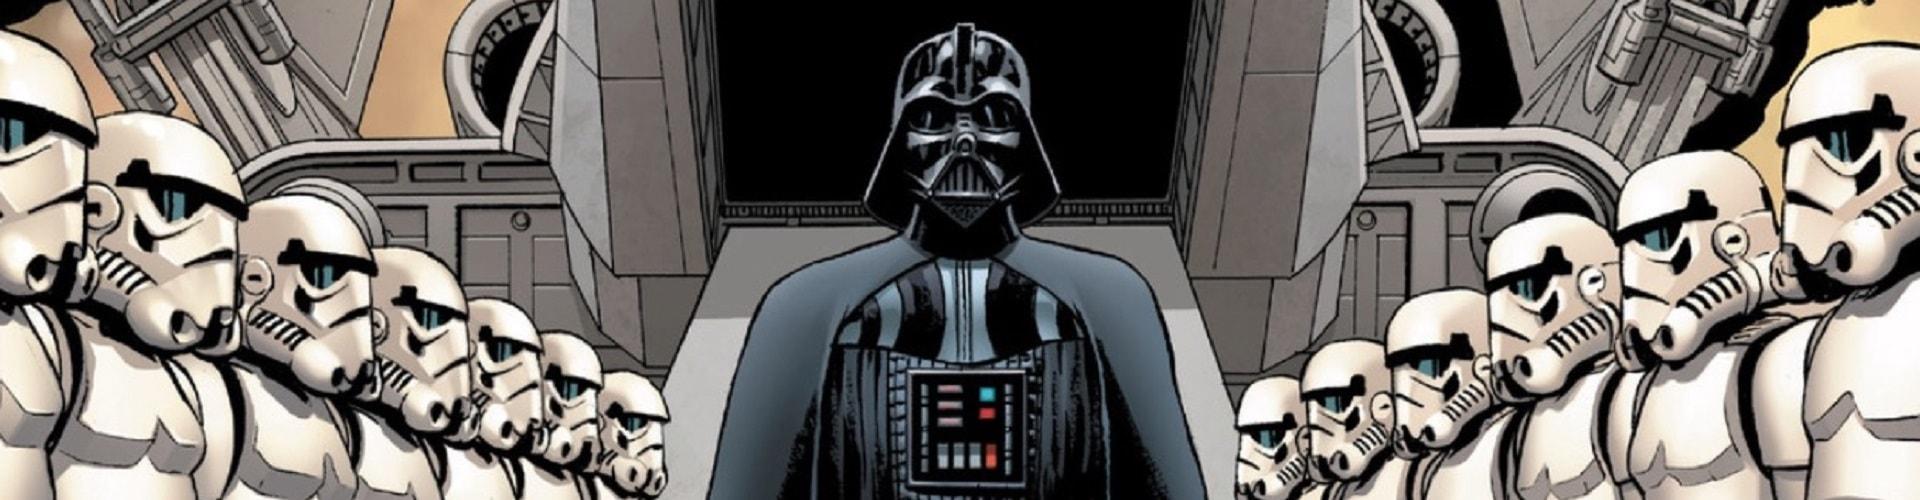 Star Wars Hawkeye